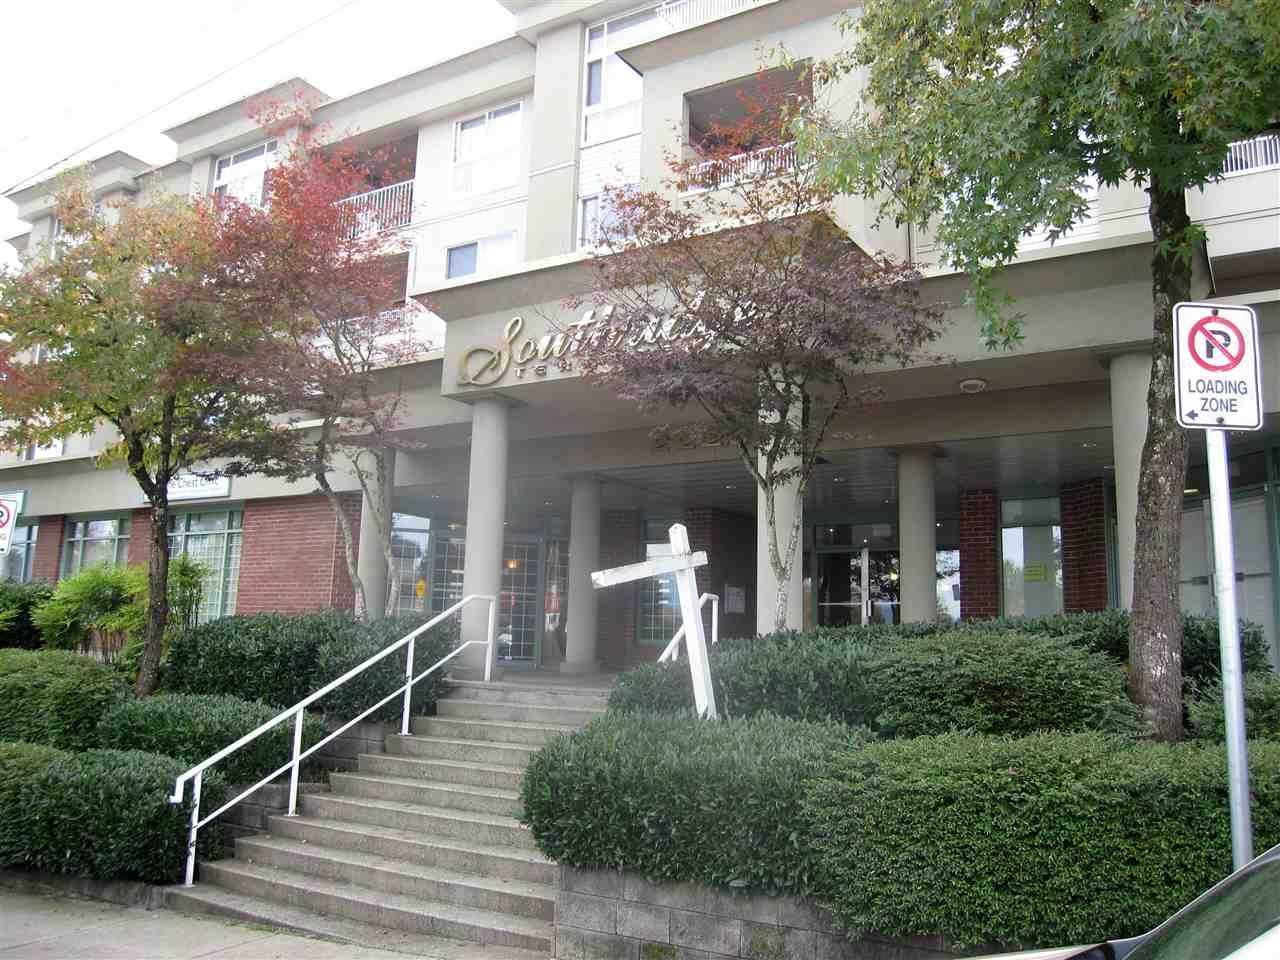 """Main Photo: 502 22230 NORTH Avenue in Maple Ridge: West Central Condo for sale in """"SOUTHRIDGE TERRACE"""" : MLS®# R2314489"""